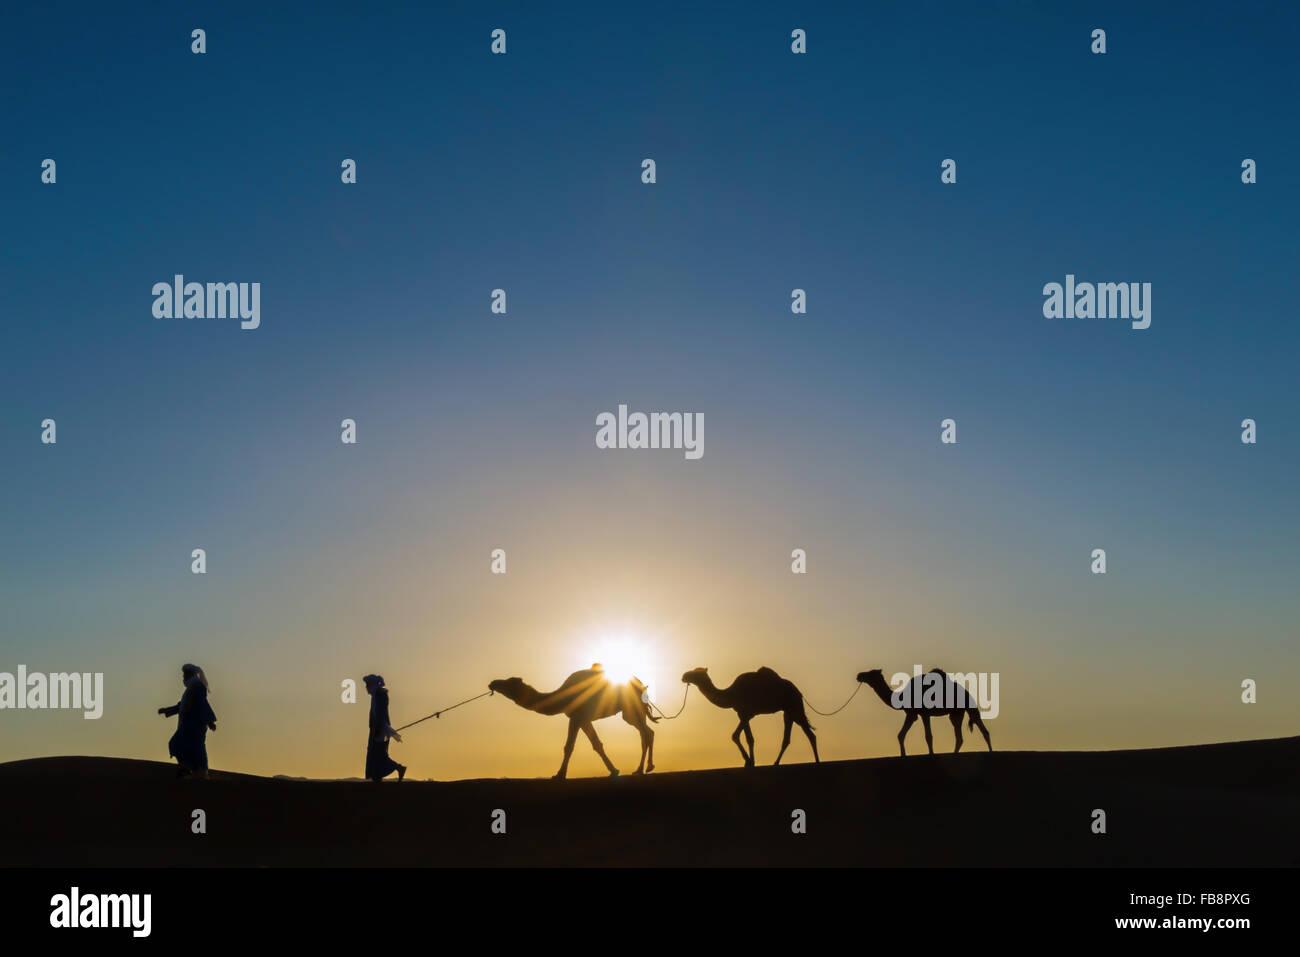 Nomaden mit Dromedaren (Kamele) bei Sonnenaufgang in der Sahara Wüste von Marokko. Stockbild